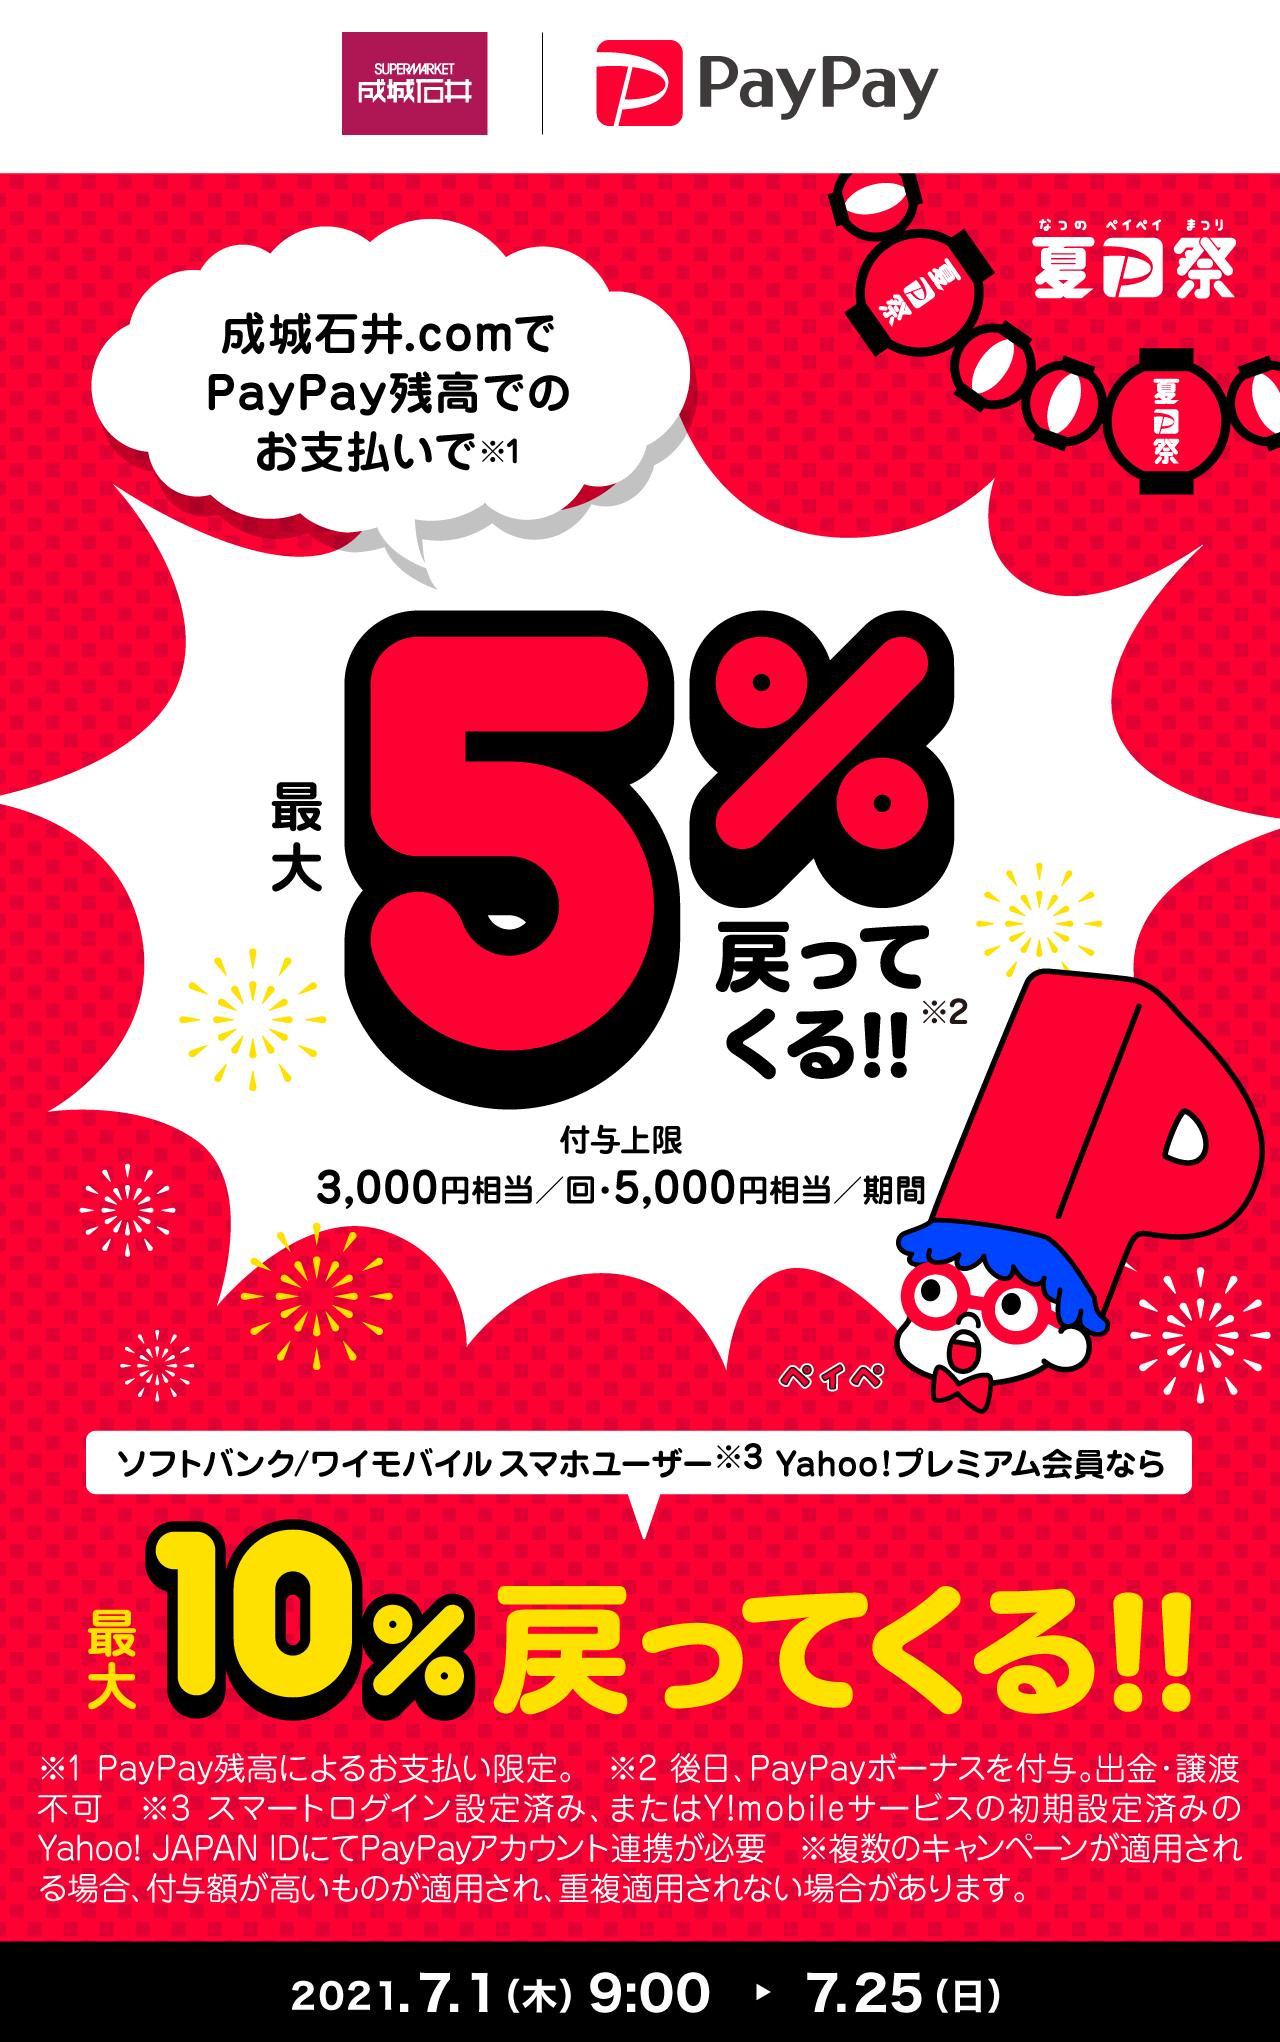 成城石井.comでPayPay残高でのお支払いで 最大5%戻ってくる!!